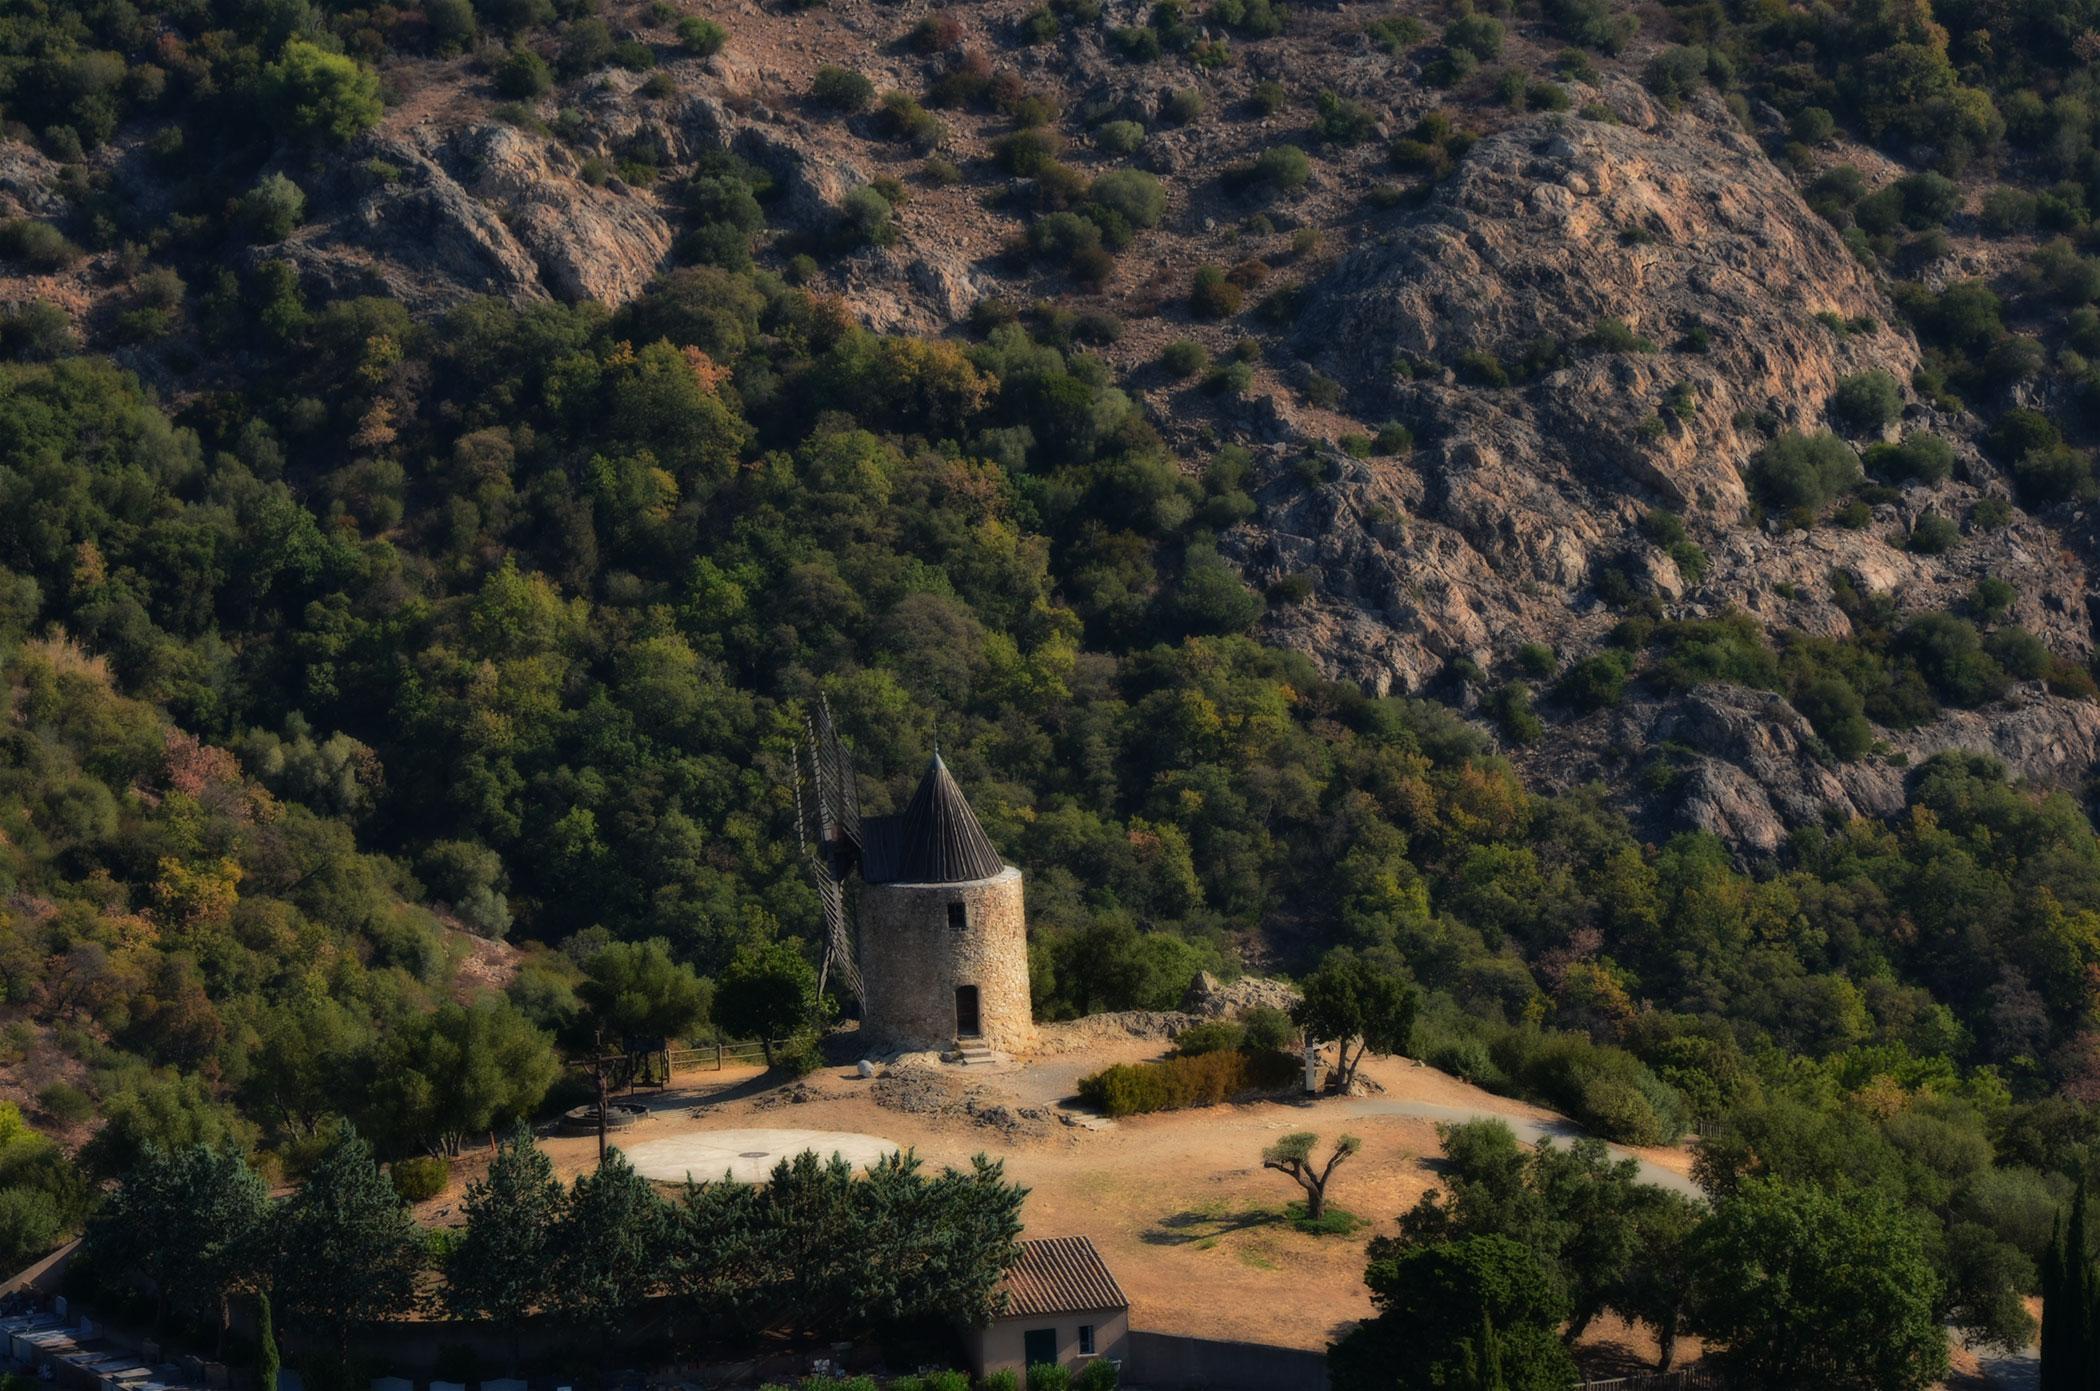 Moulin de Grimaud